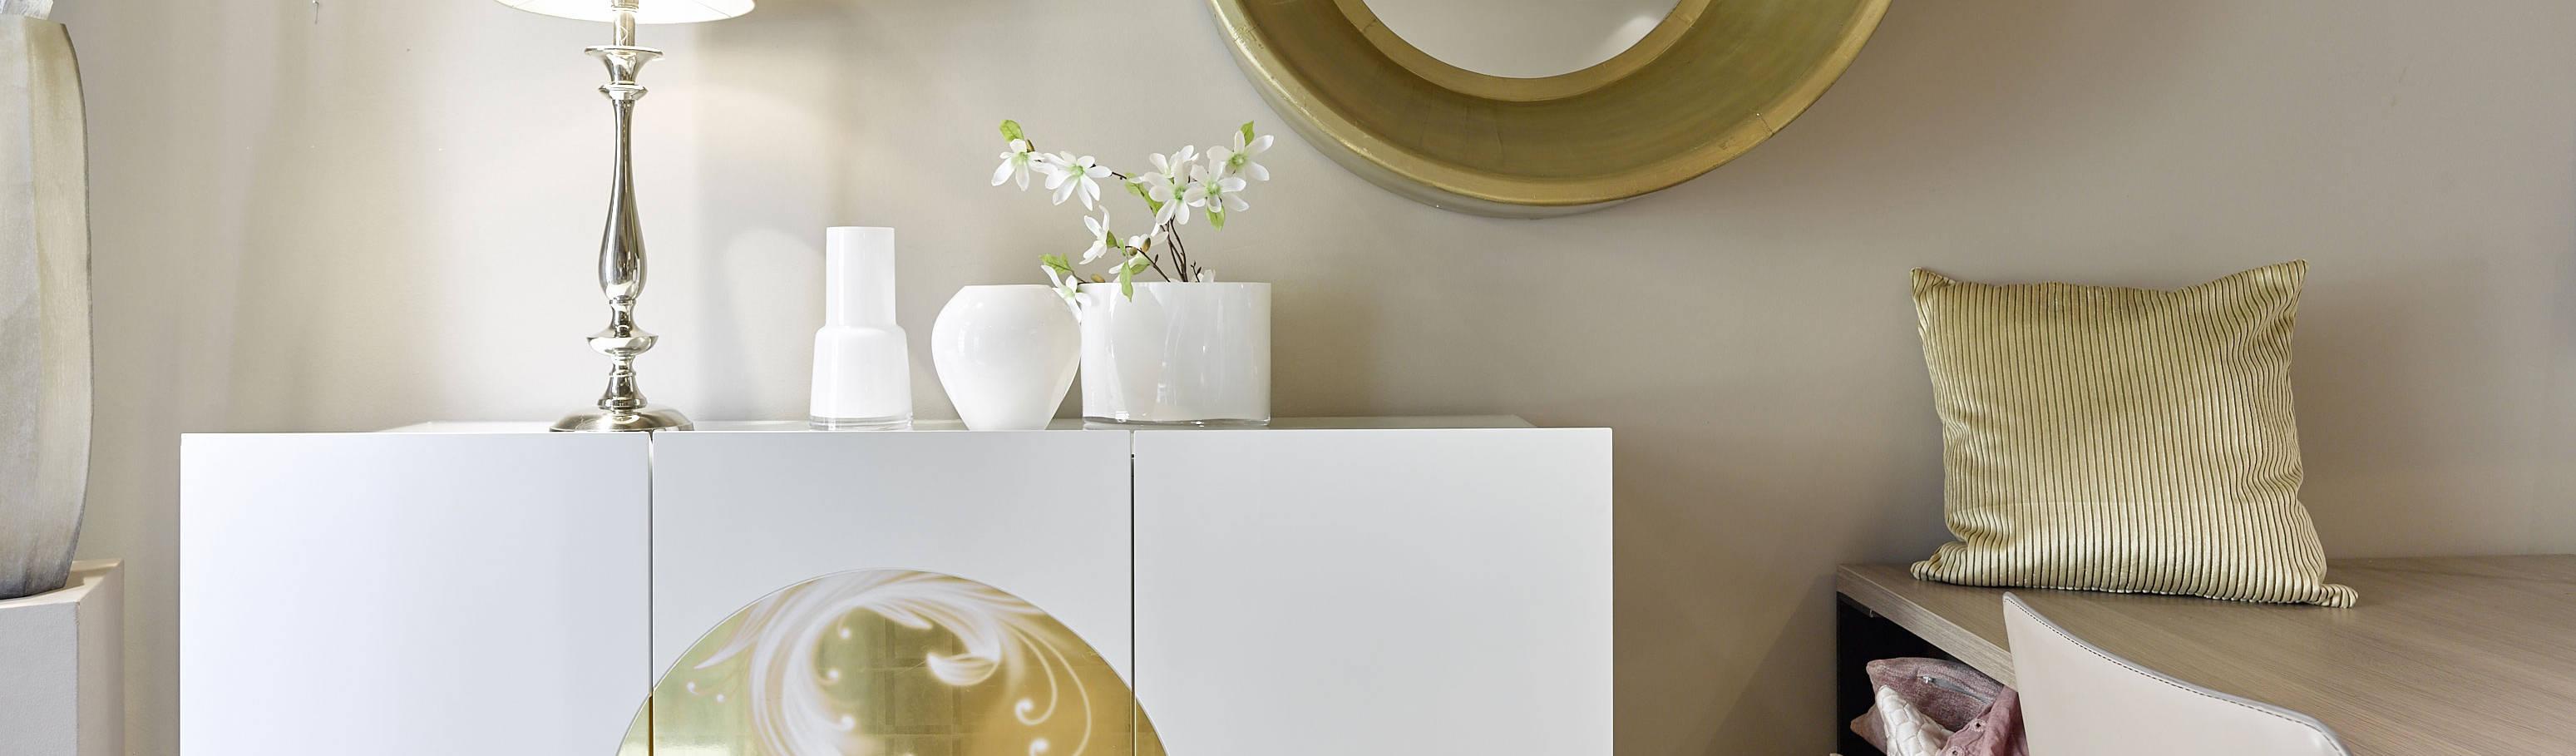 Raumausstatter Mannheim gaffga interieur design raumausstatter interior designer in